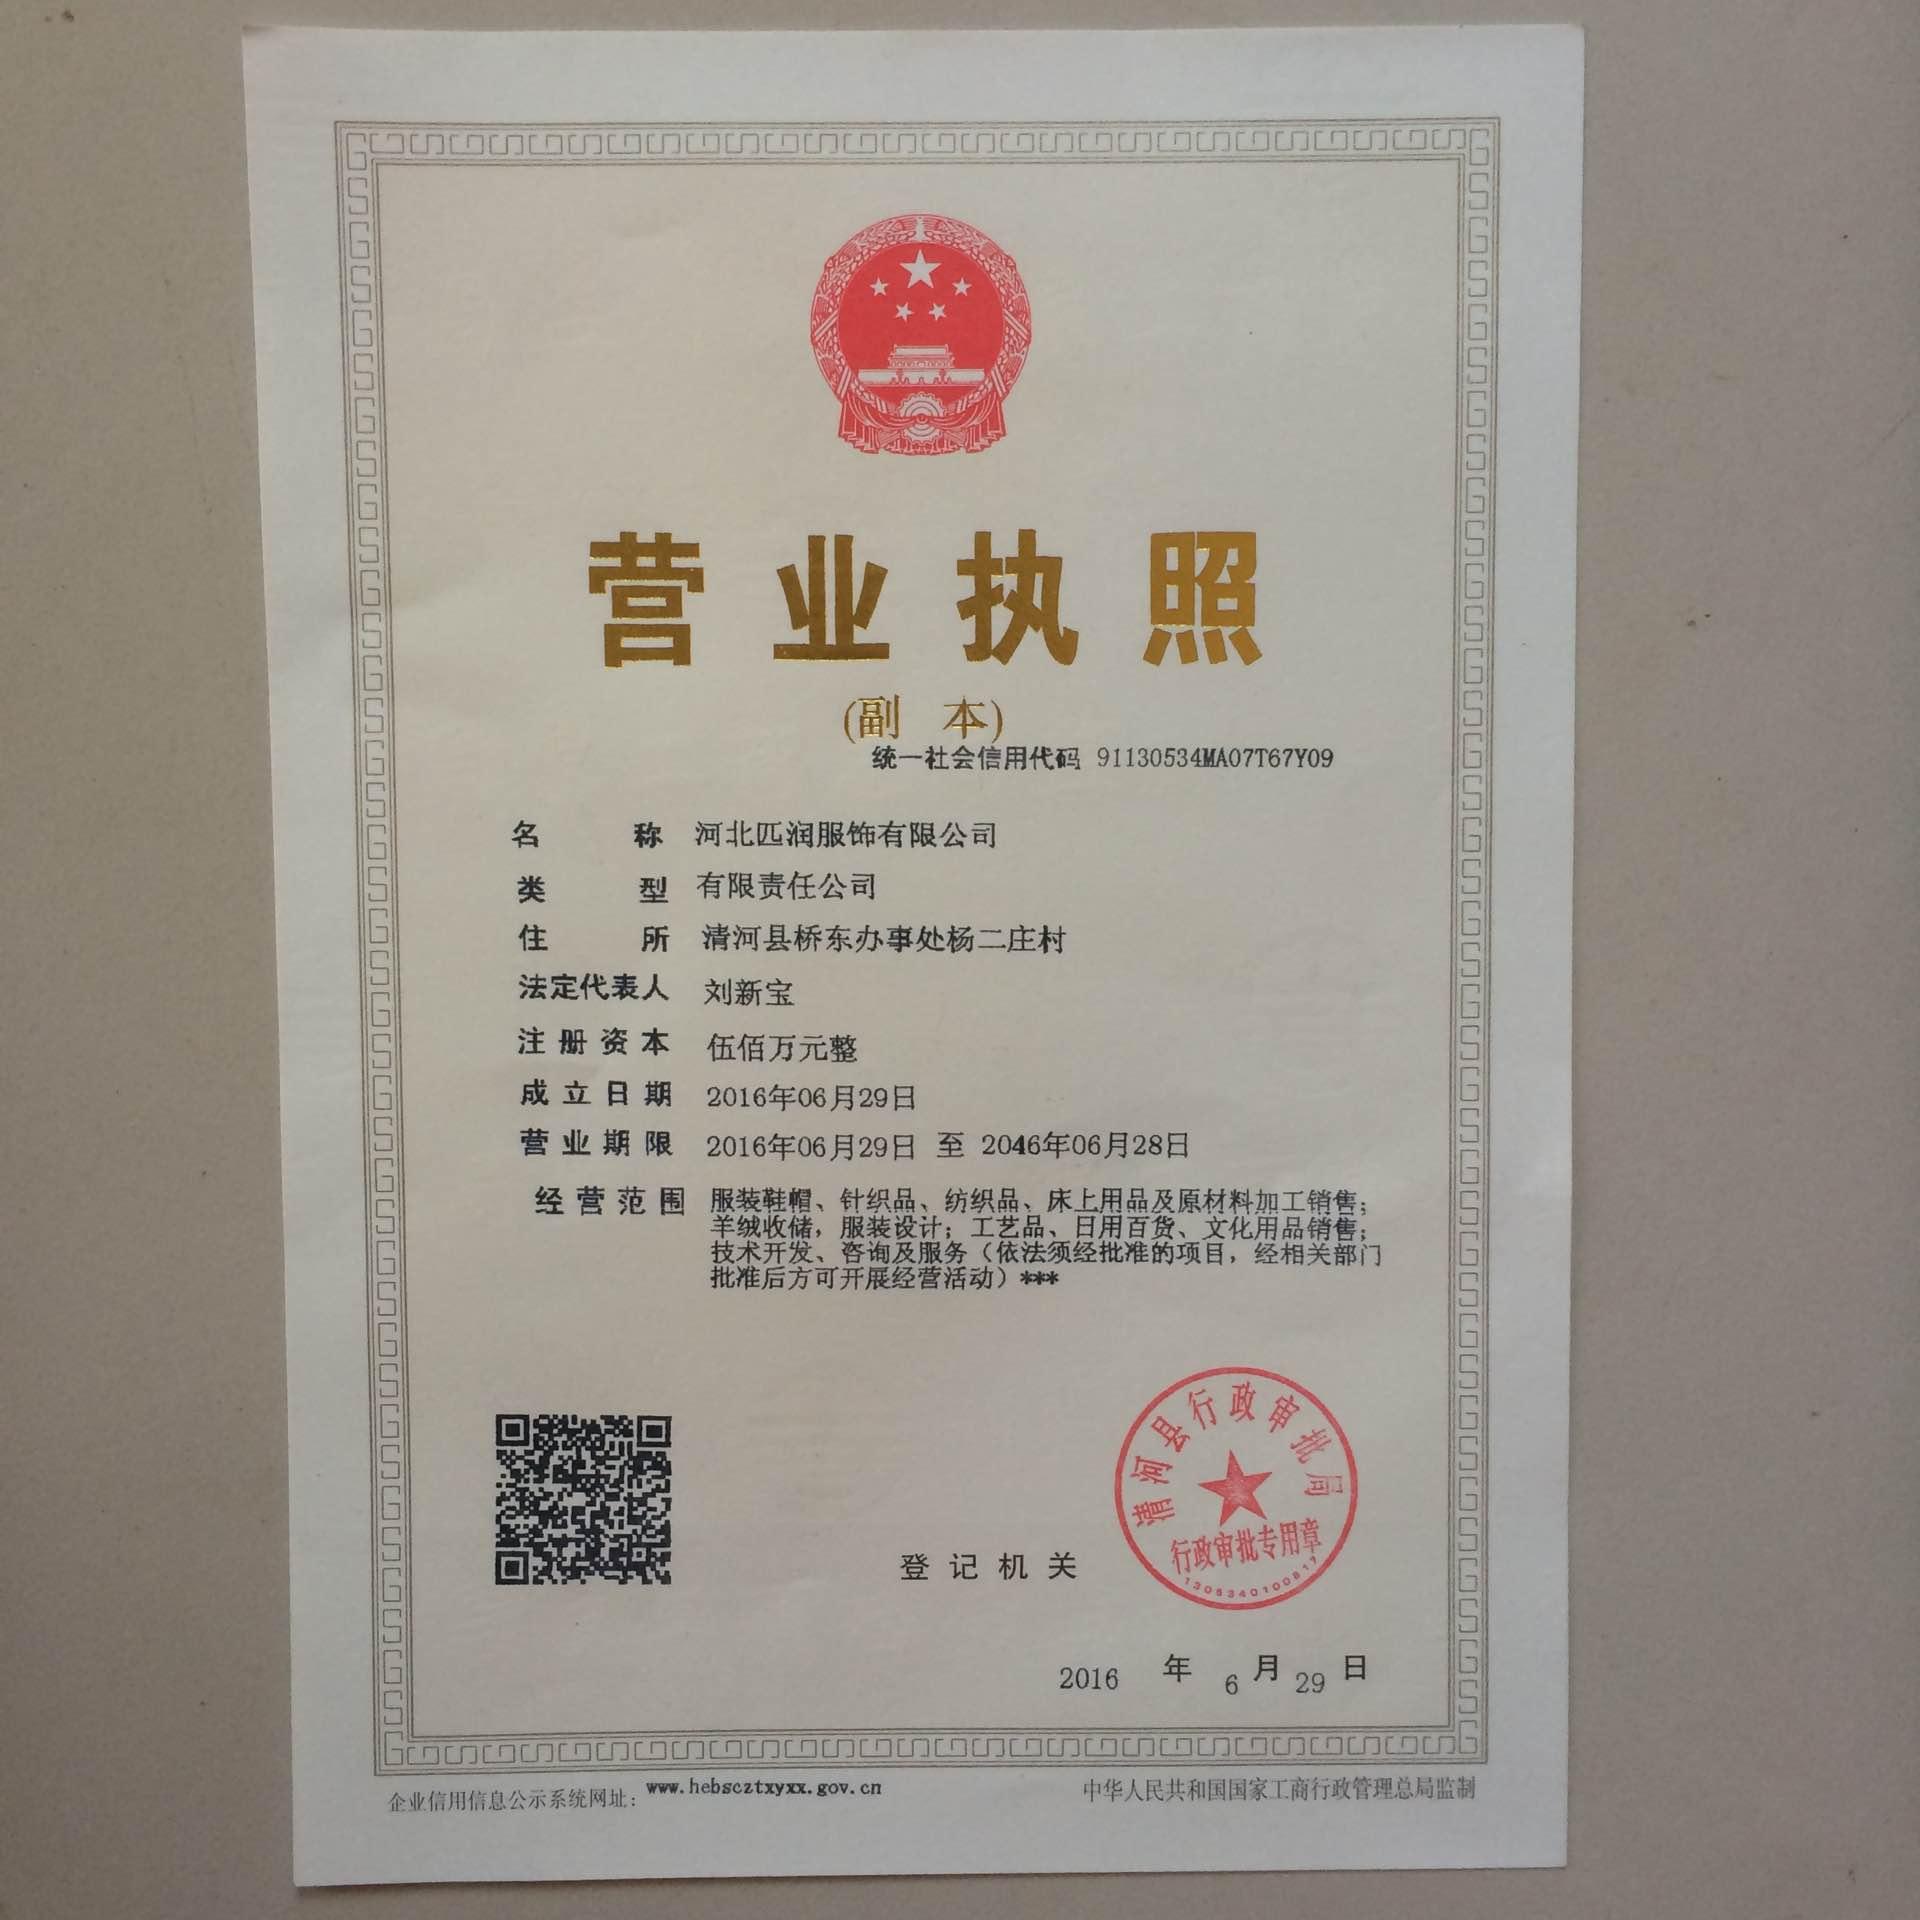 河北匹润服饰有限公司企业档案